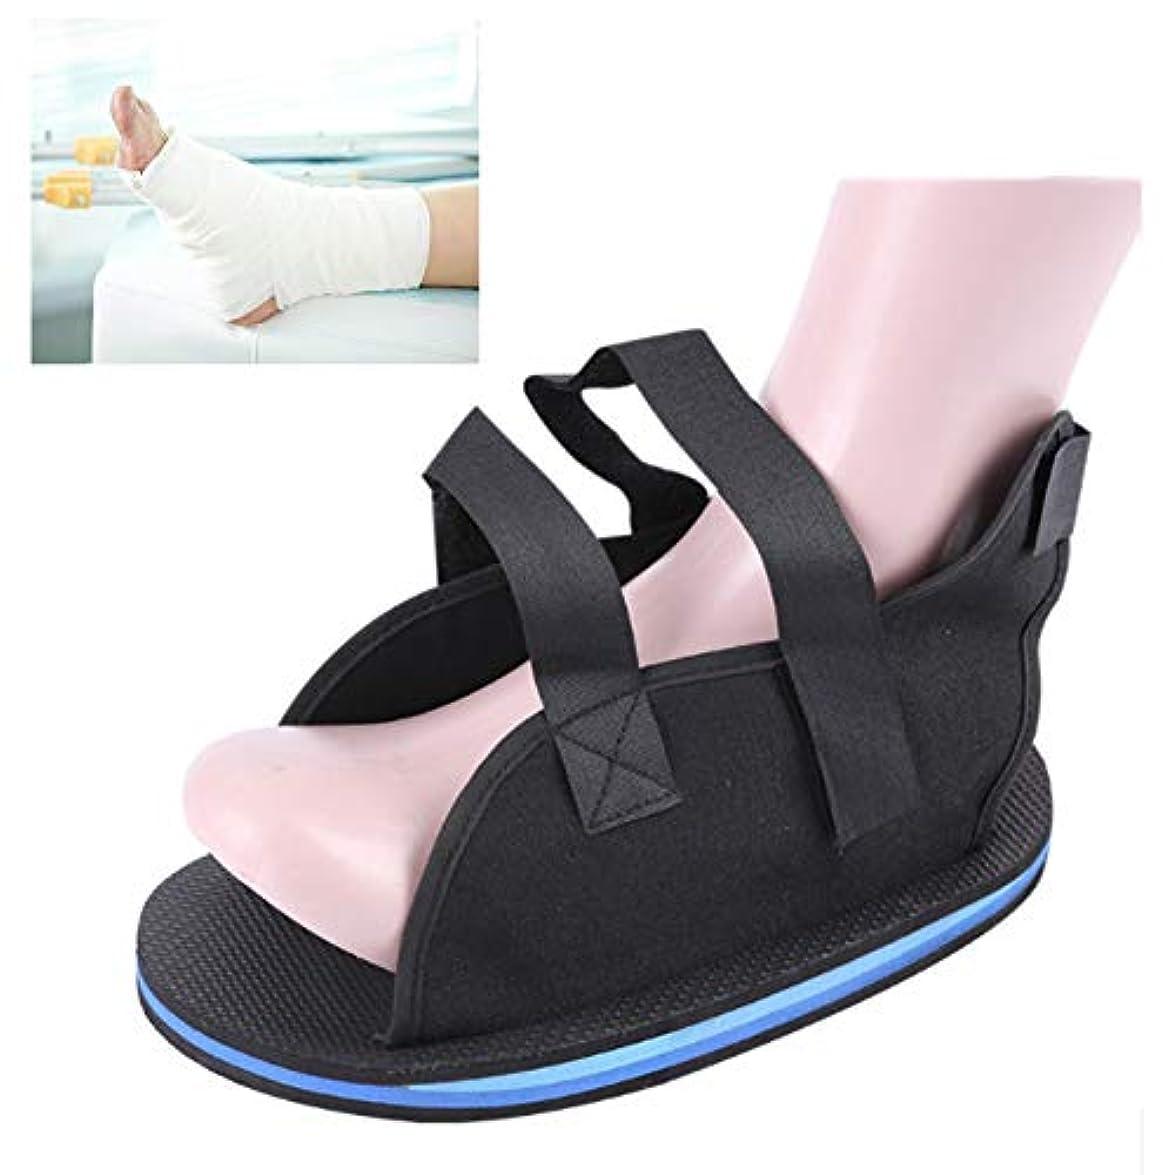 主張する高原かかわらず術後ウォーキングブートキャスト医療靴骨折足の靴ポスト傷害外科治療リハビリ石膏靴,22cm2pcs